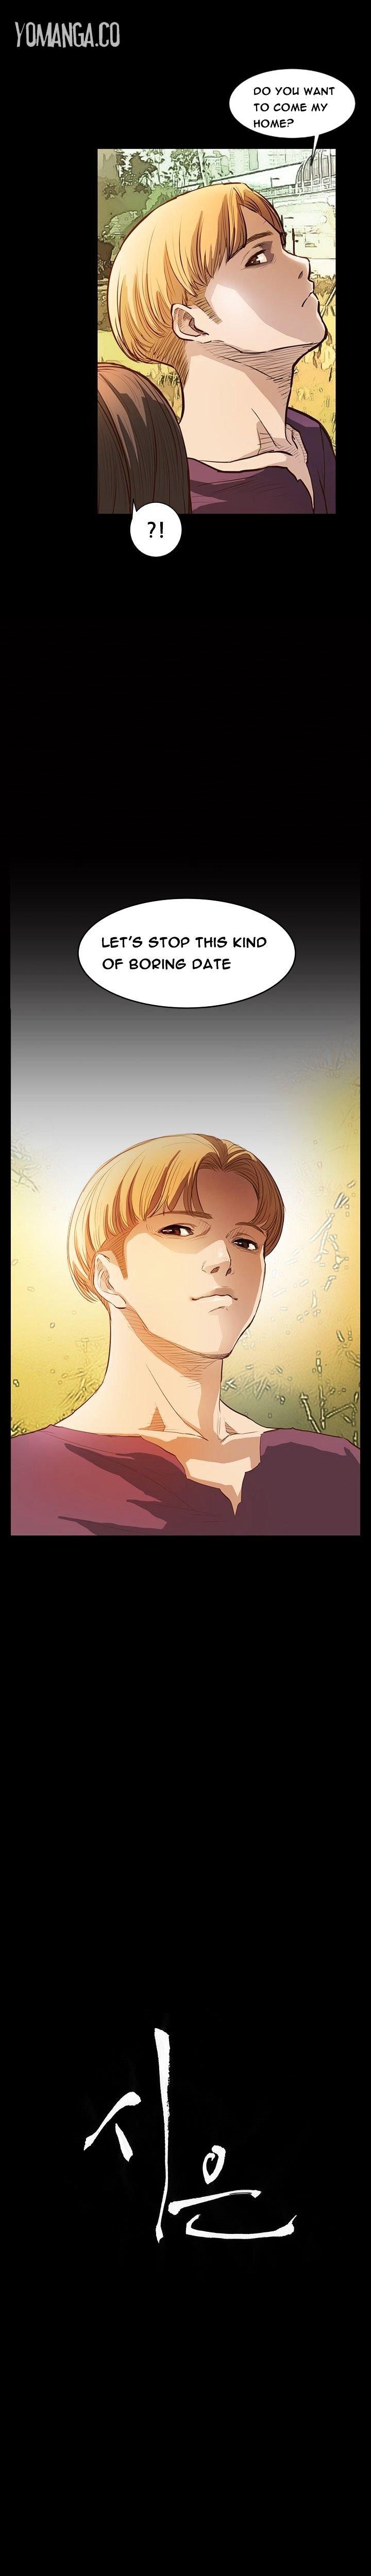 Manga Si-Eun - Chapter 8 Page 1